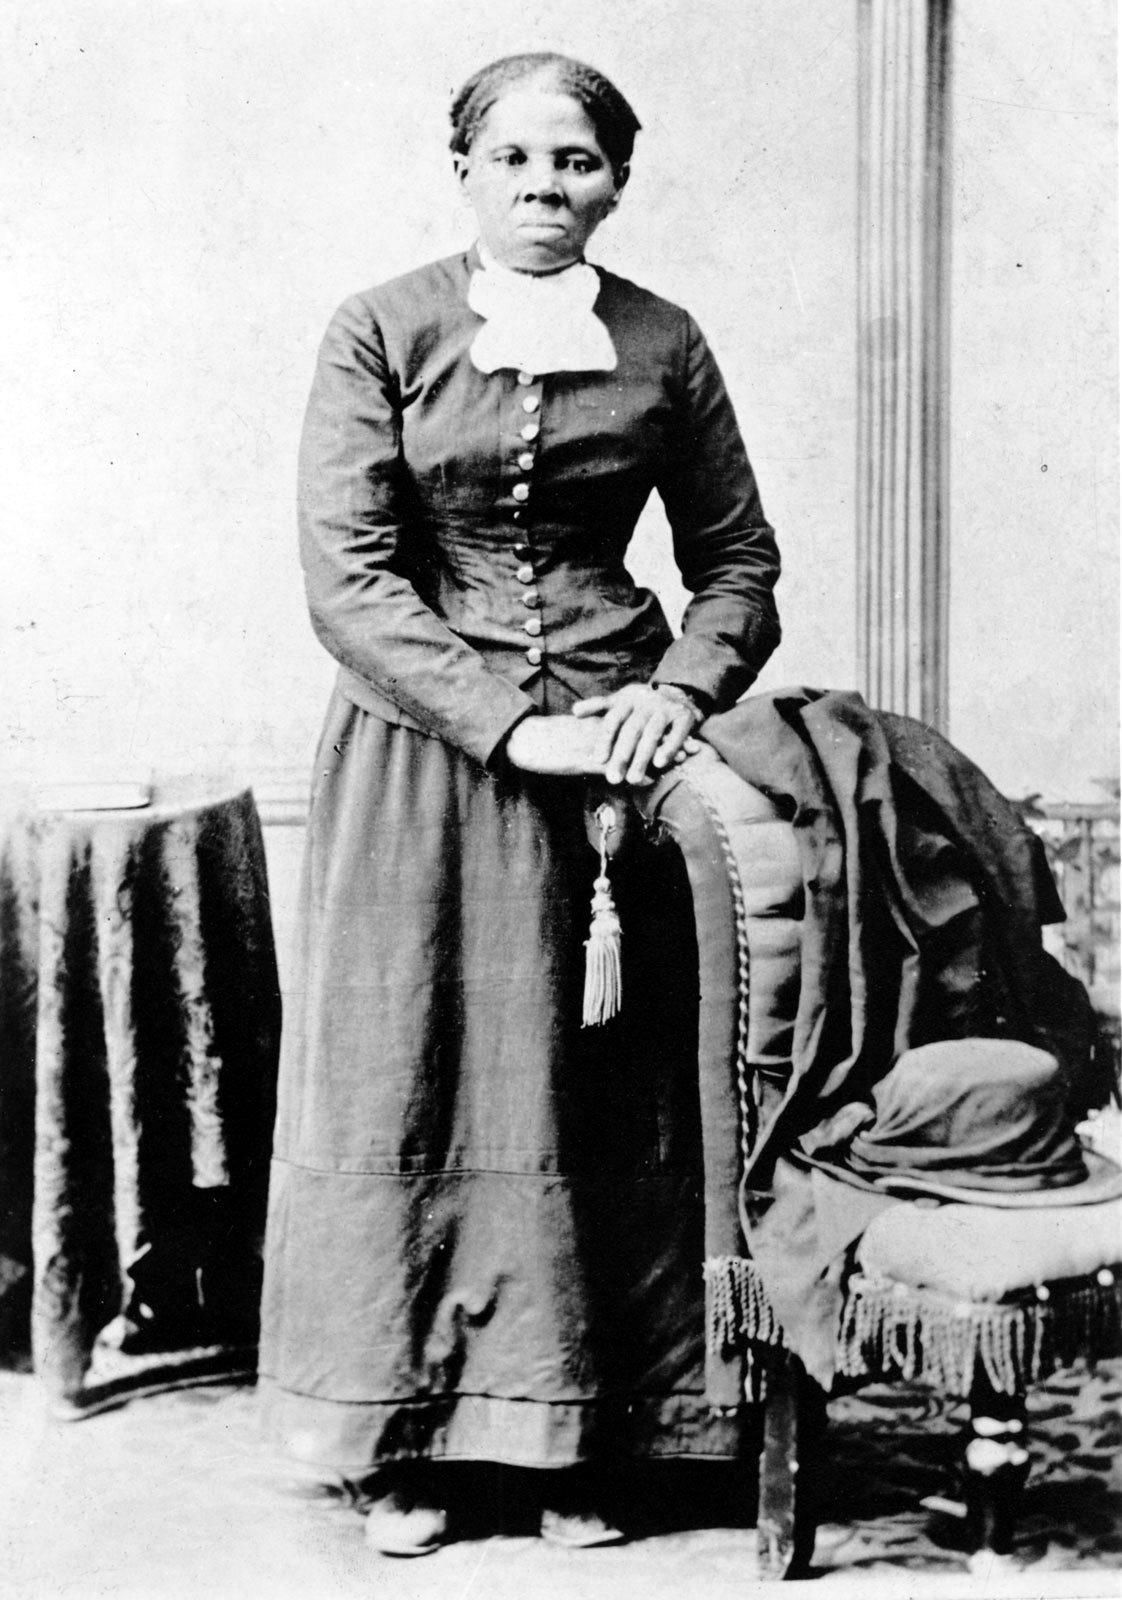 Depiction of Harriet Tubman